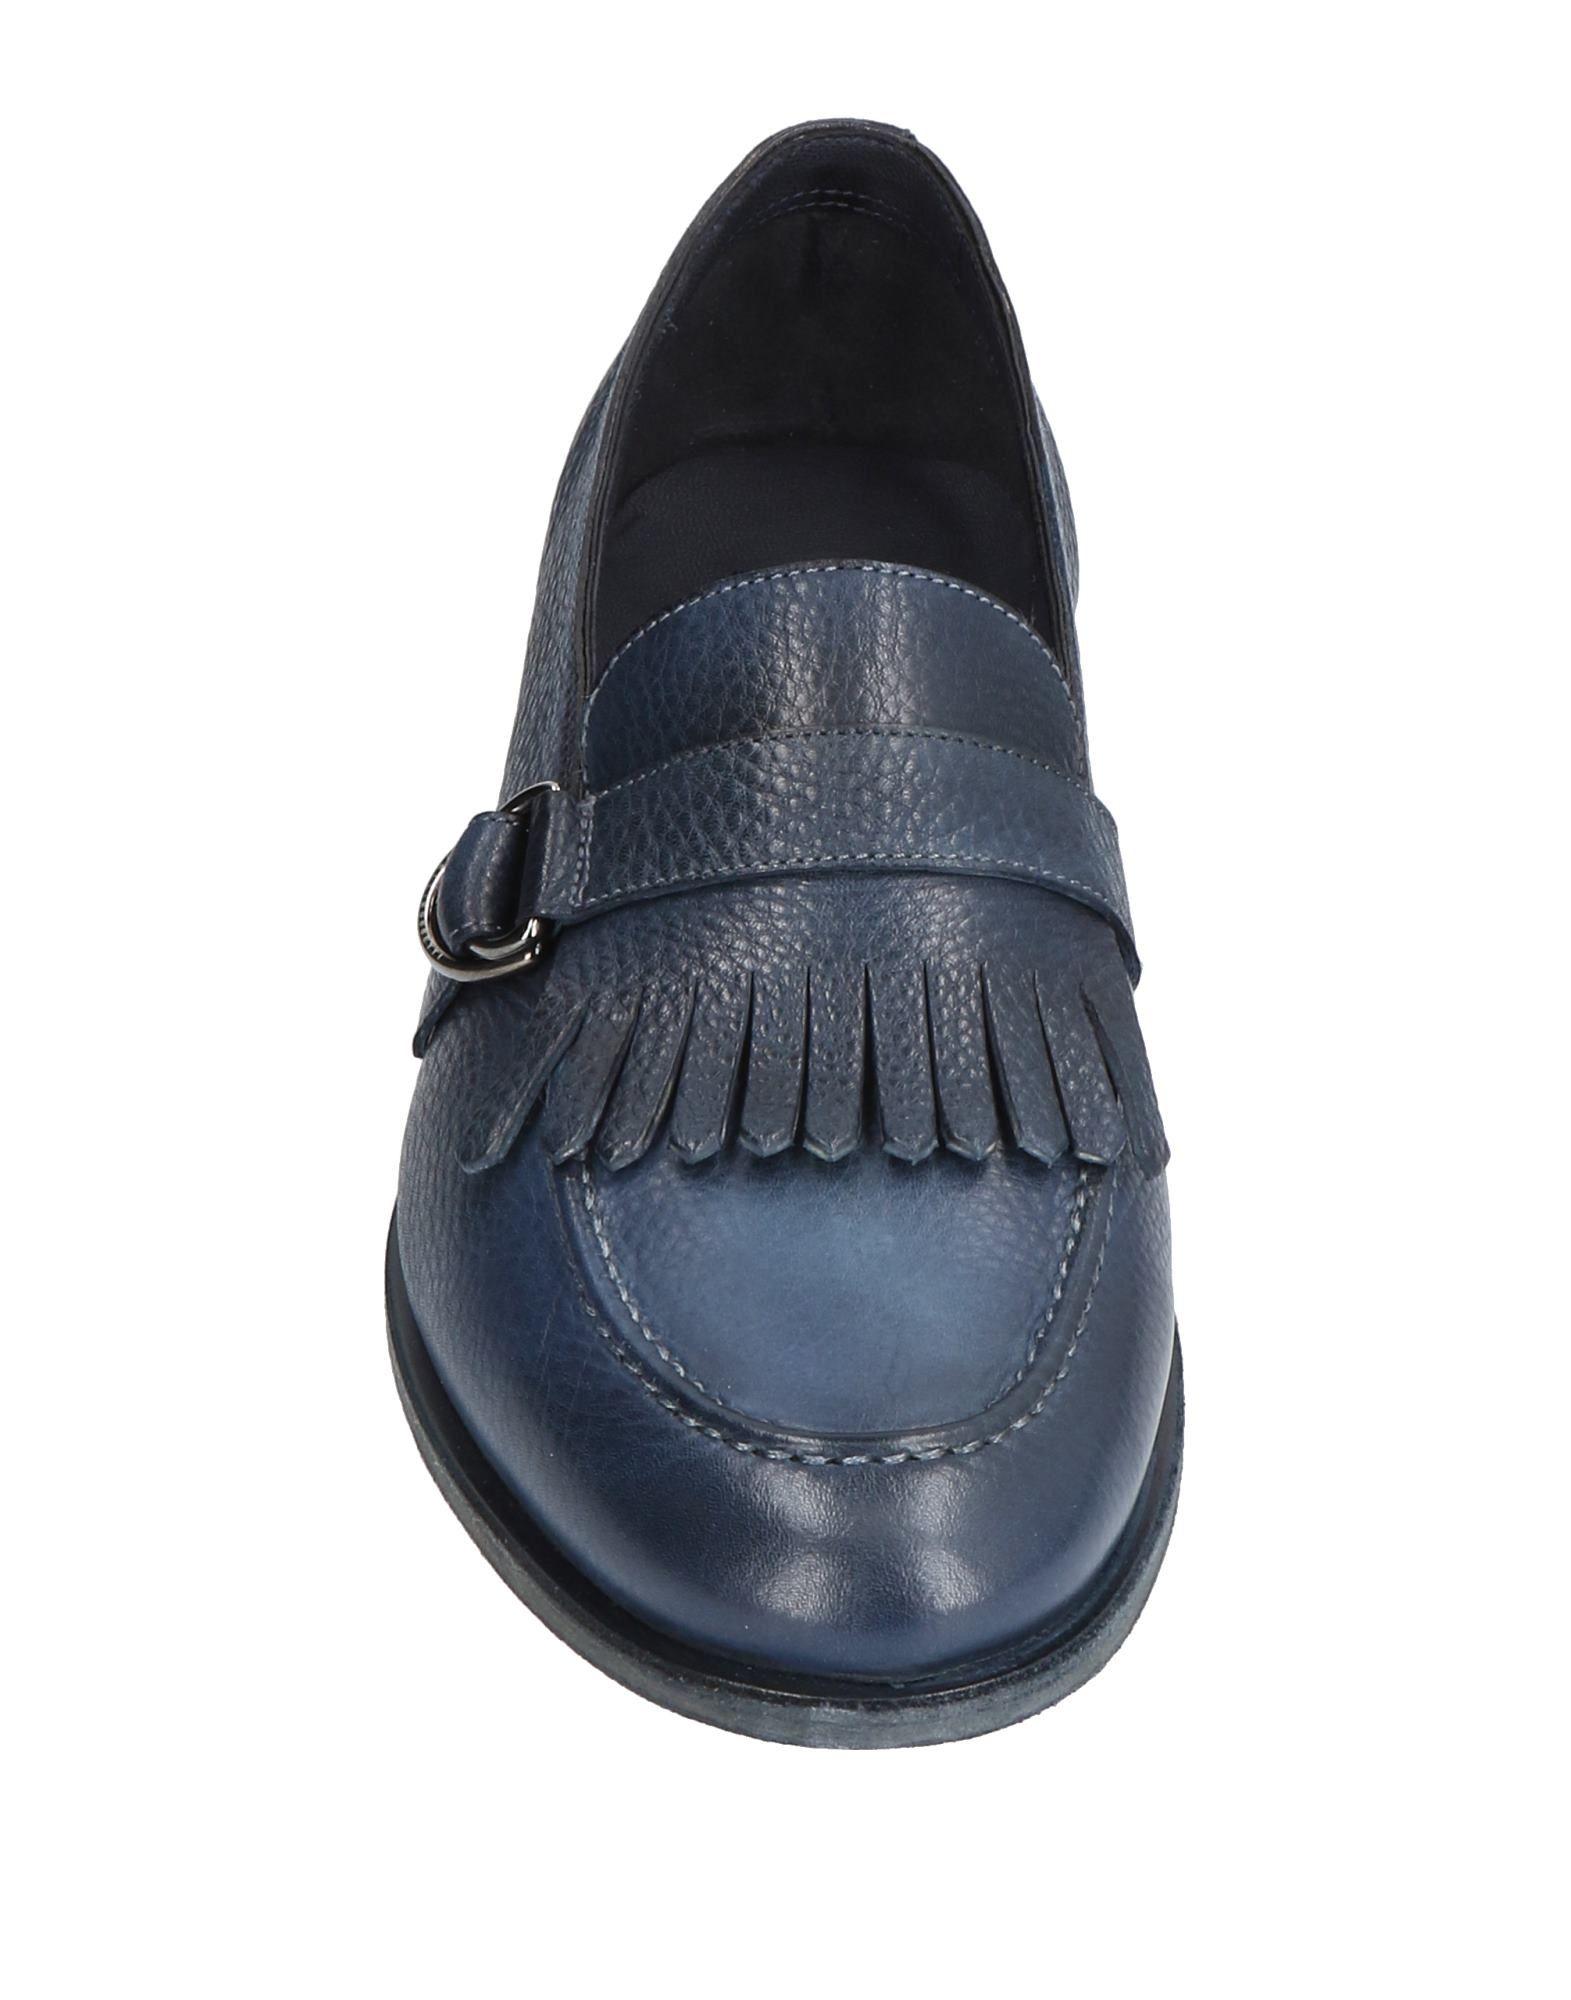 Fratelli Rossetti Mokassins Herren  Schuhe 11440593TP Gute Qualität beliebte Schuhe  fc6a68